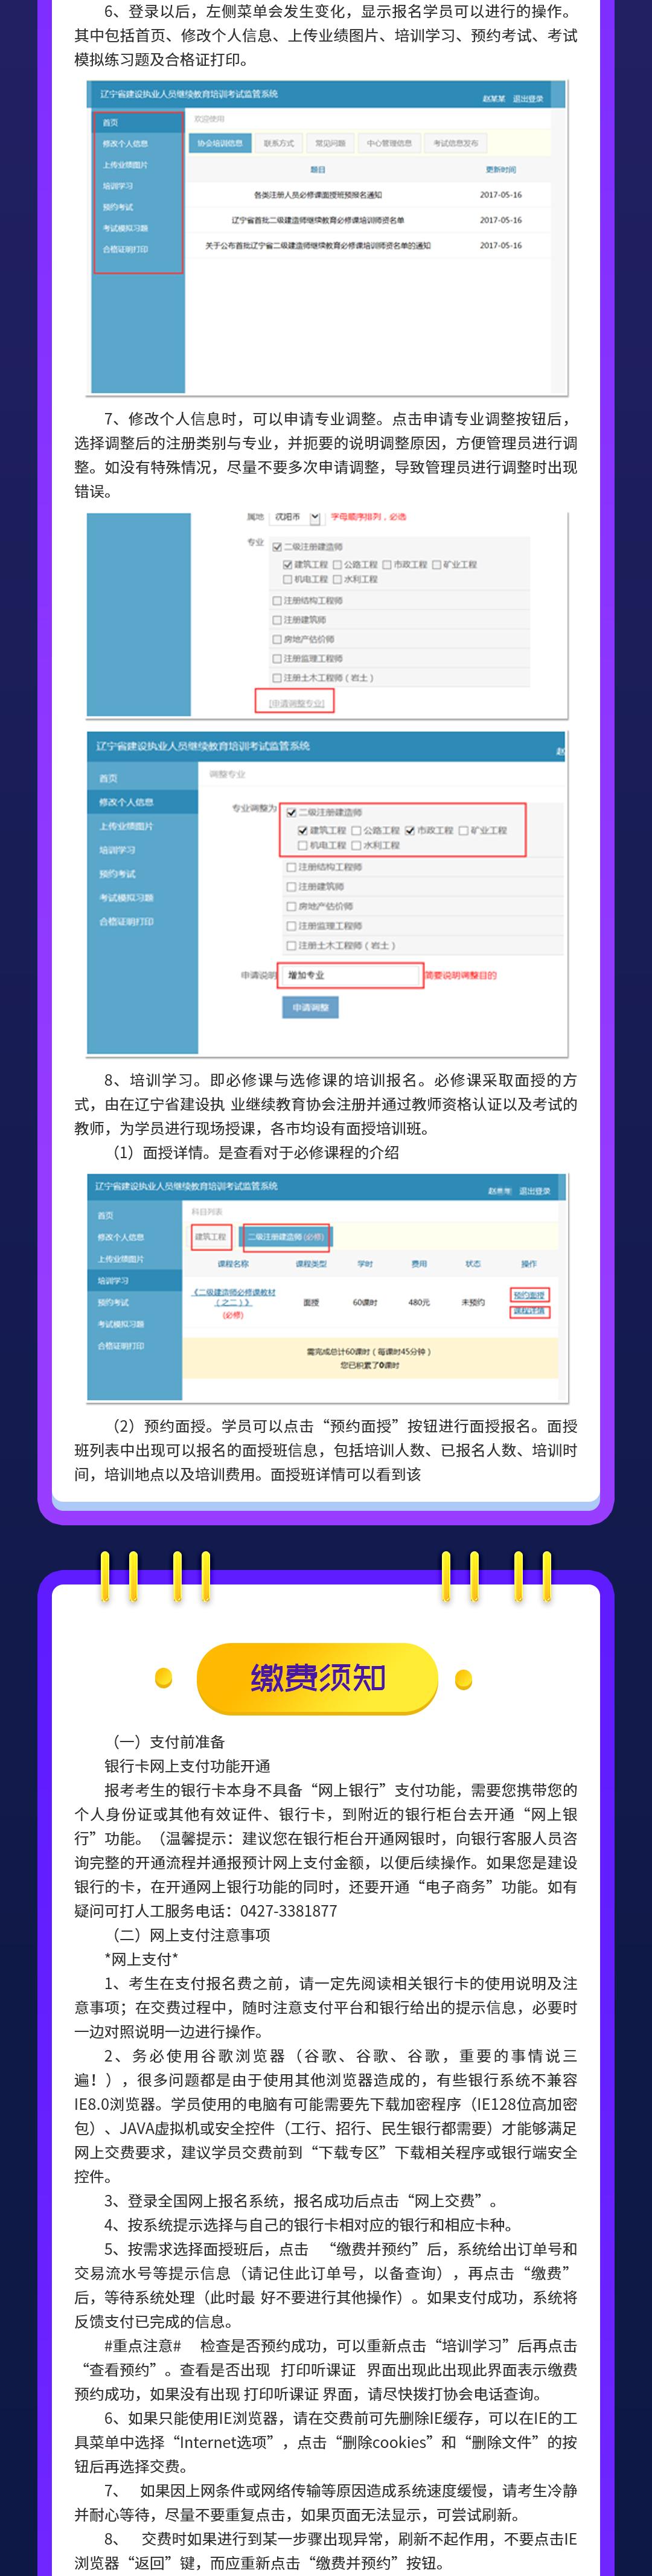 监理工程师继续教育网上报名流程